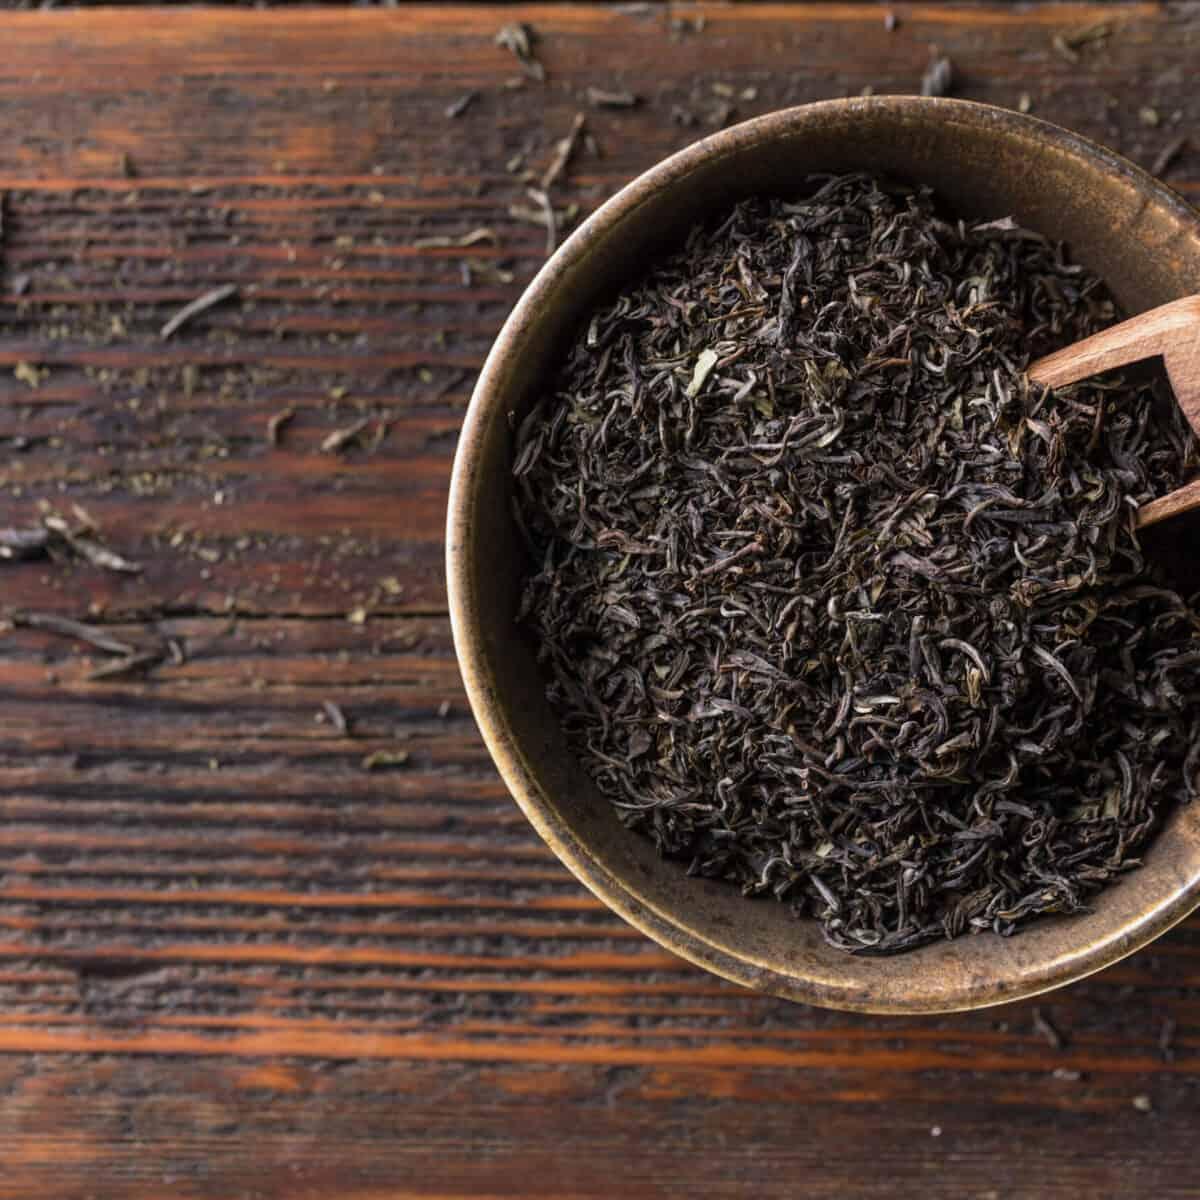 Image of black tea